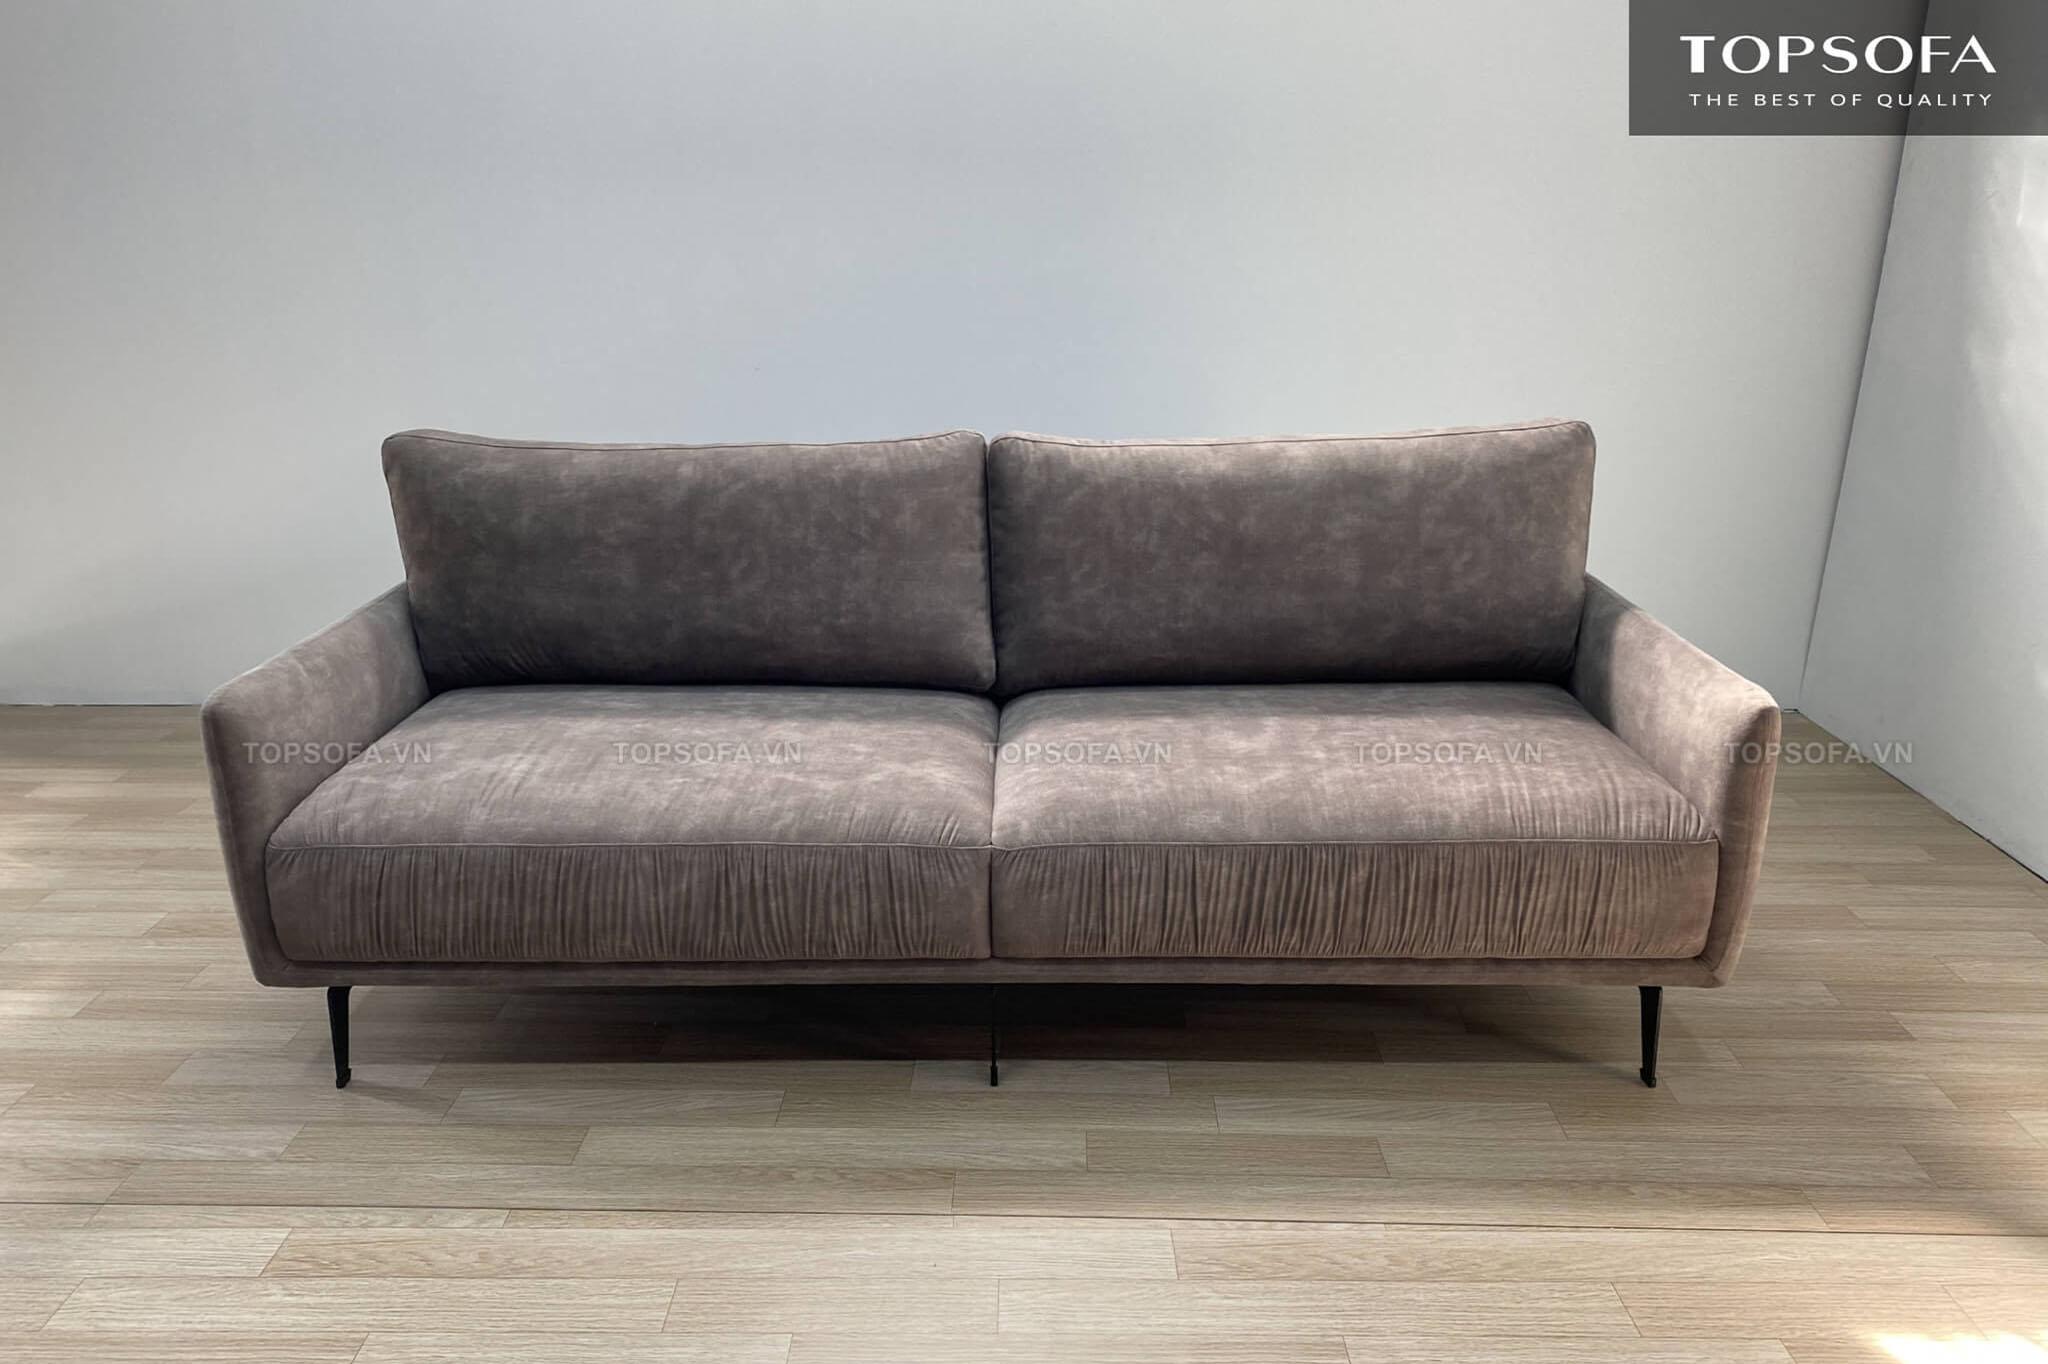 Sofa văng nỉ TS327 có thiết kế nhỏ gọn cùng màu nâu xám hiện đại phù hợp với mọi không gian